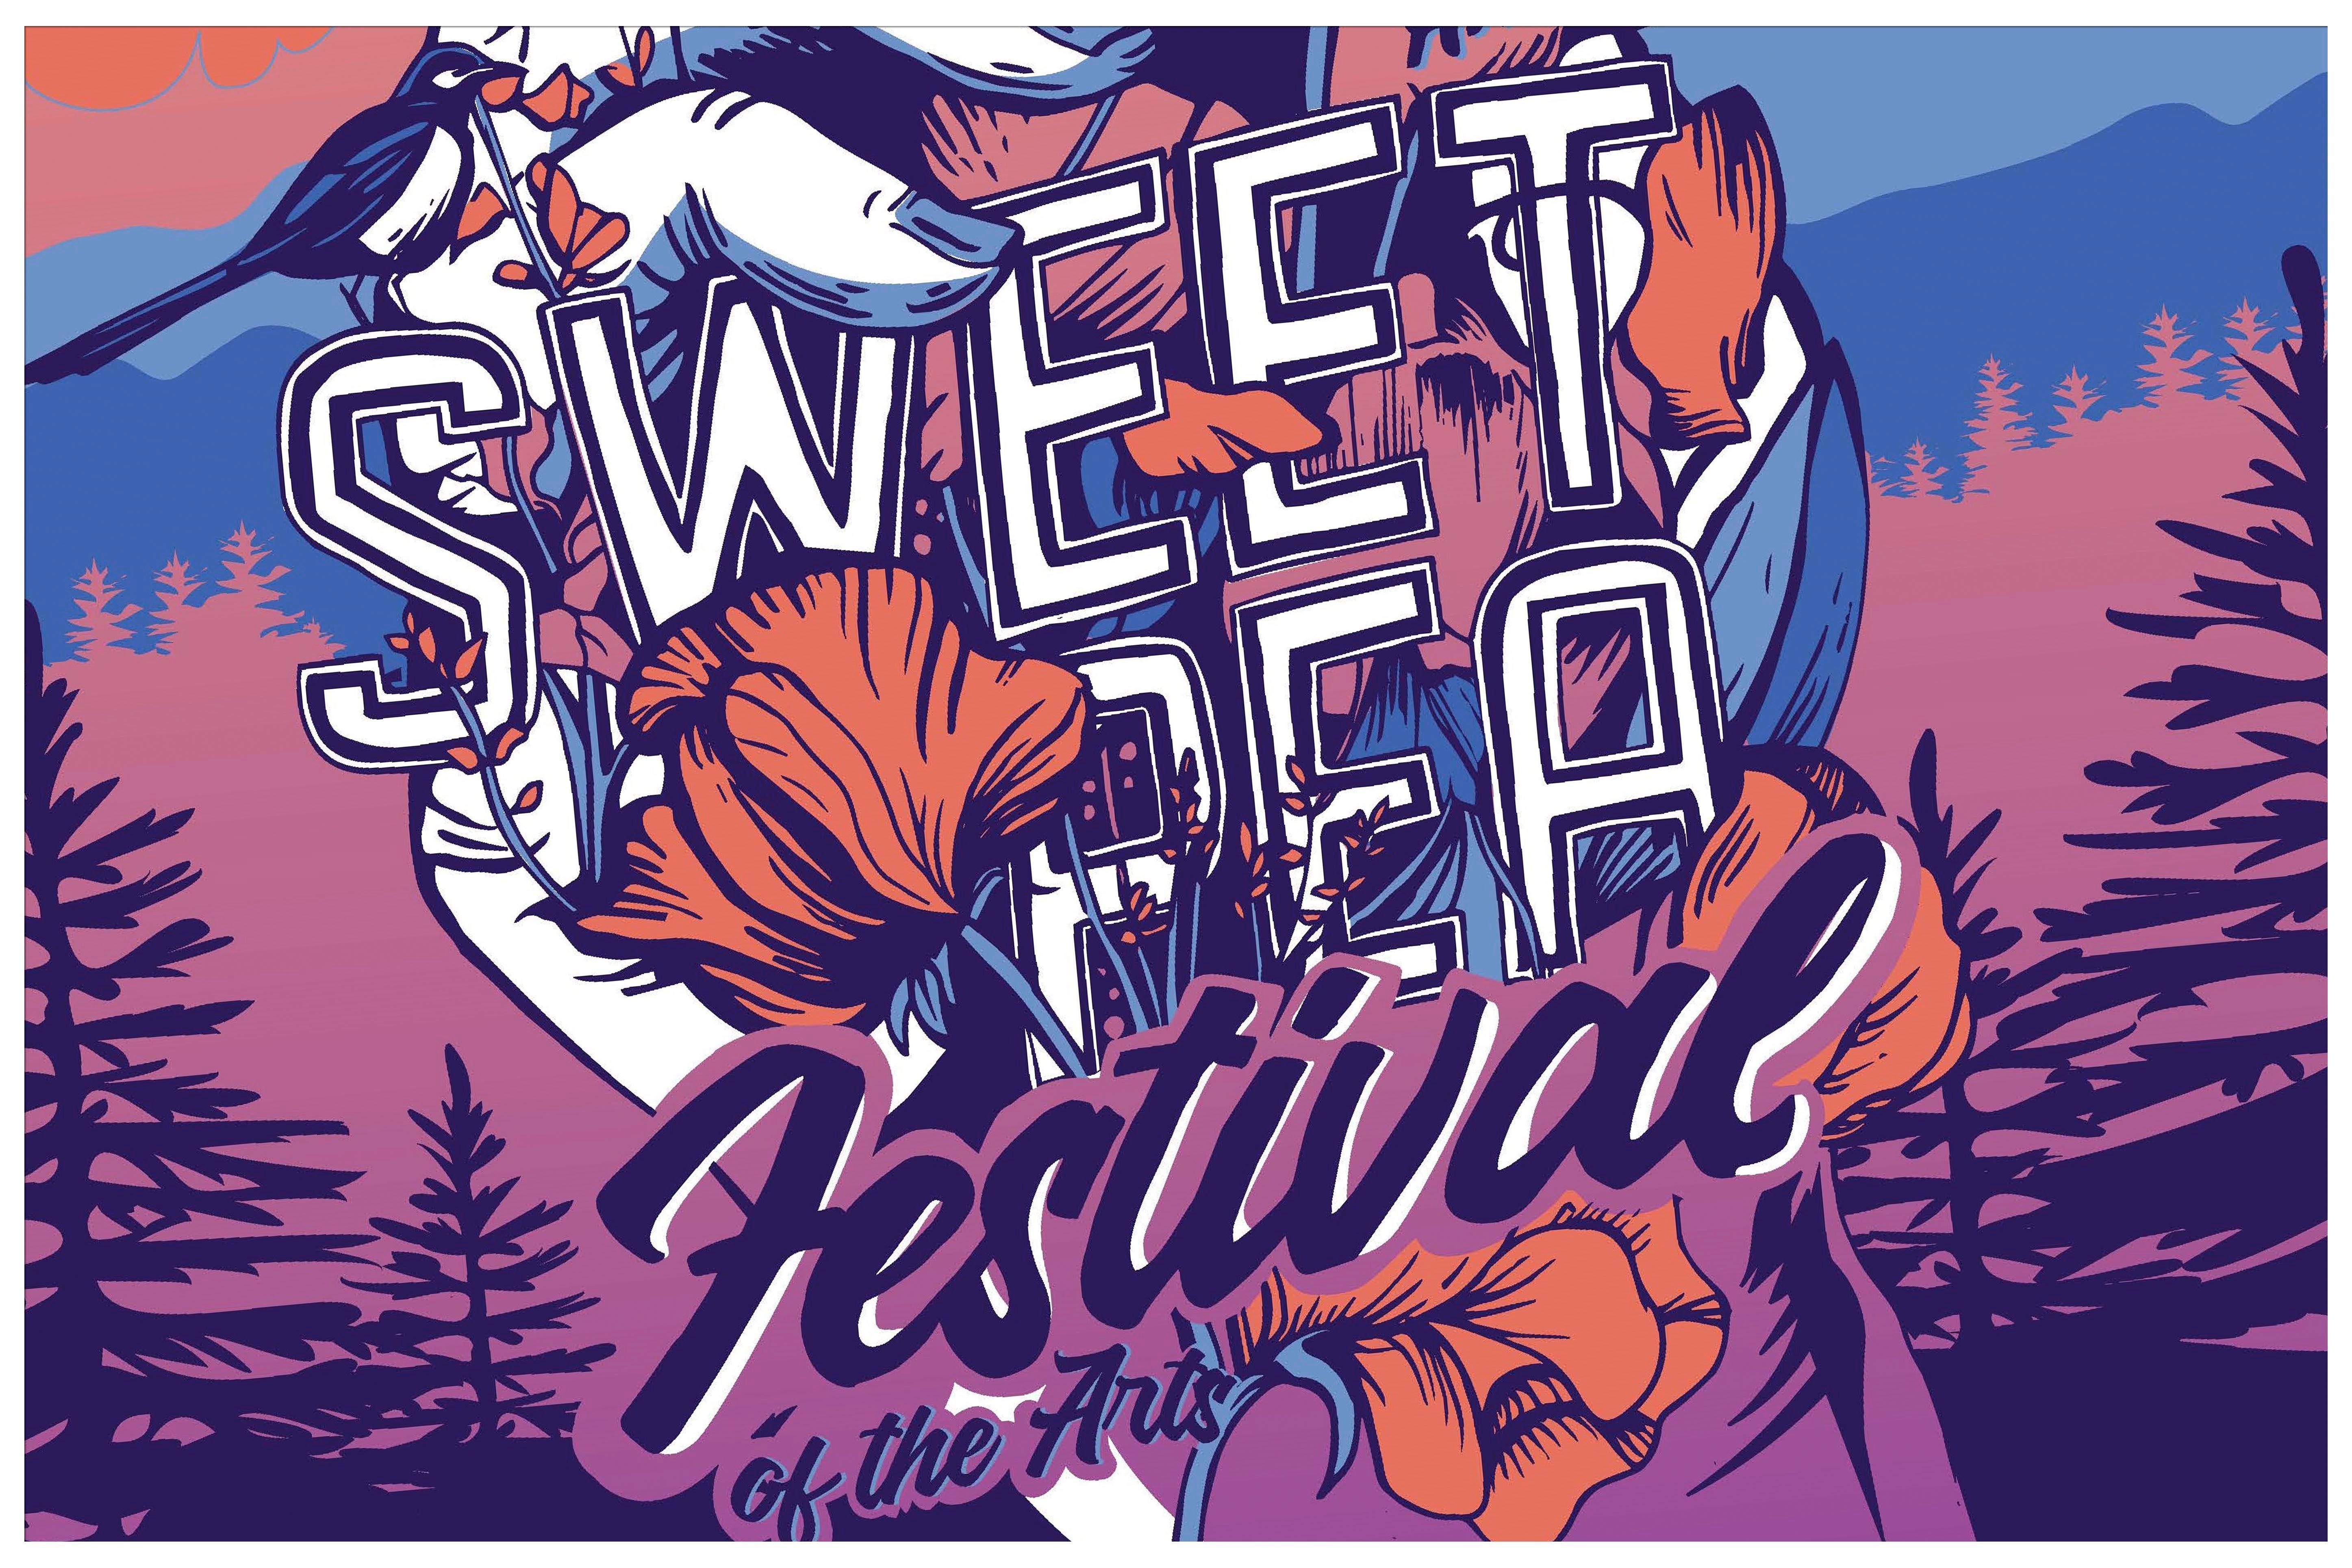 sweetpeafestival_bzn-2_c